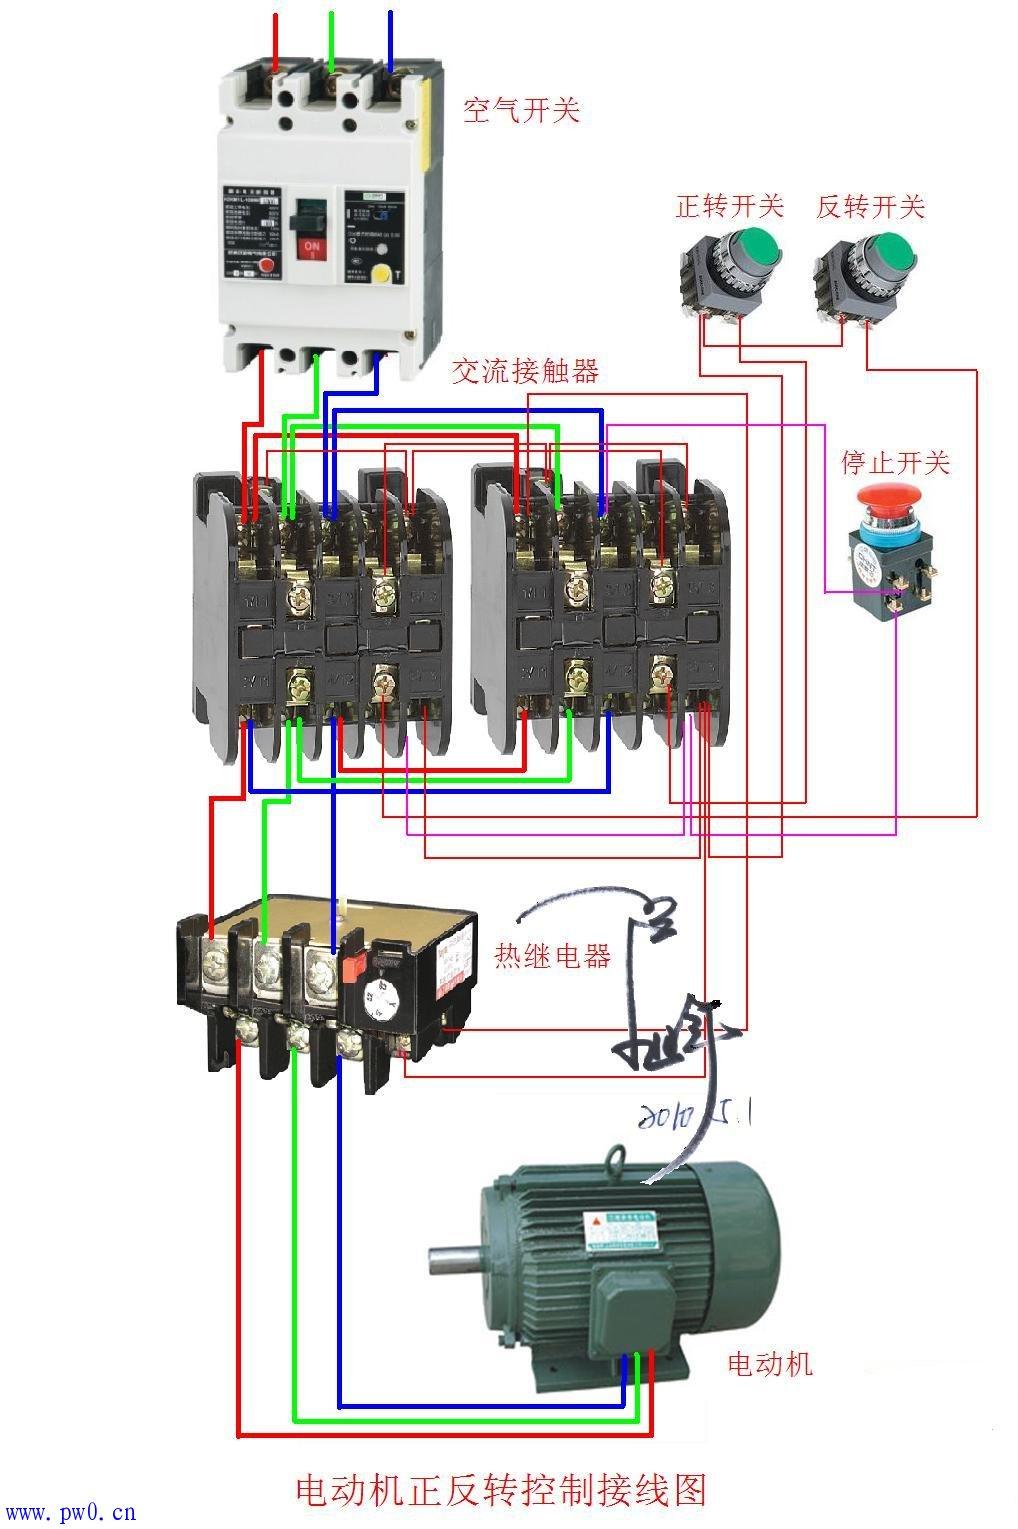 三相电动机正反转接触器互锁实物接线图 1 已赞过 已踩过  评论 分享